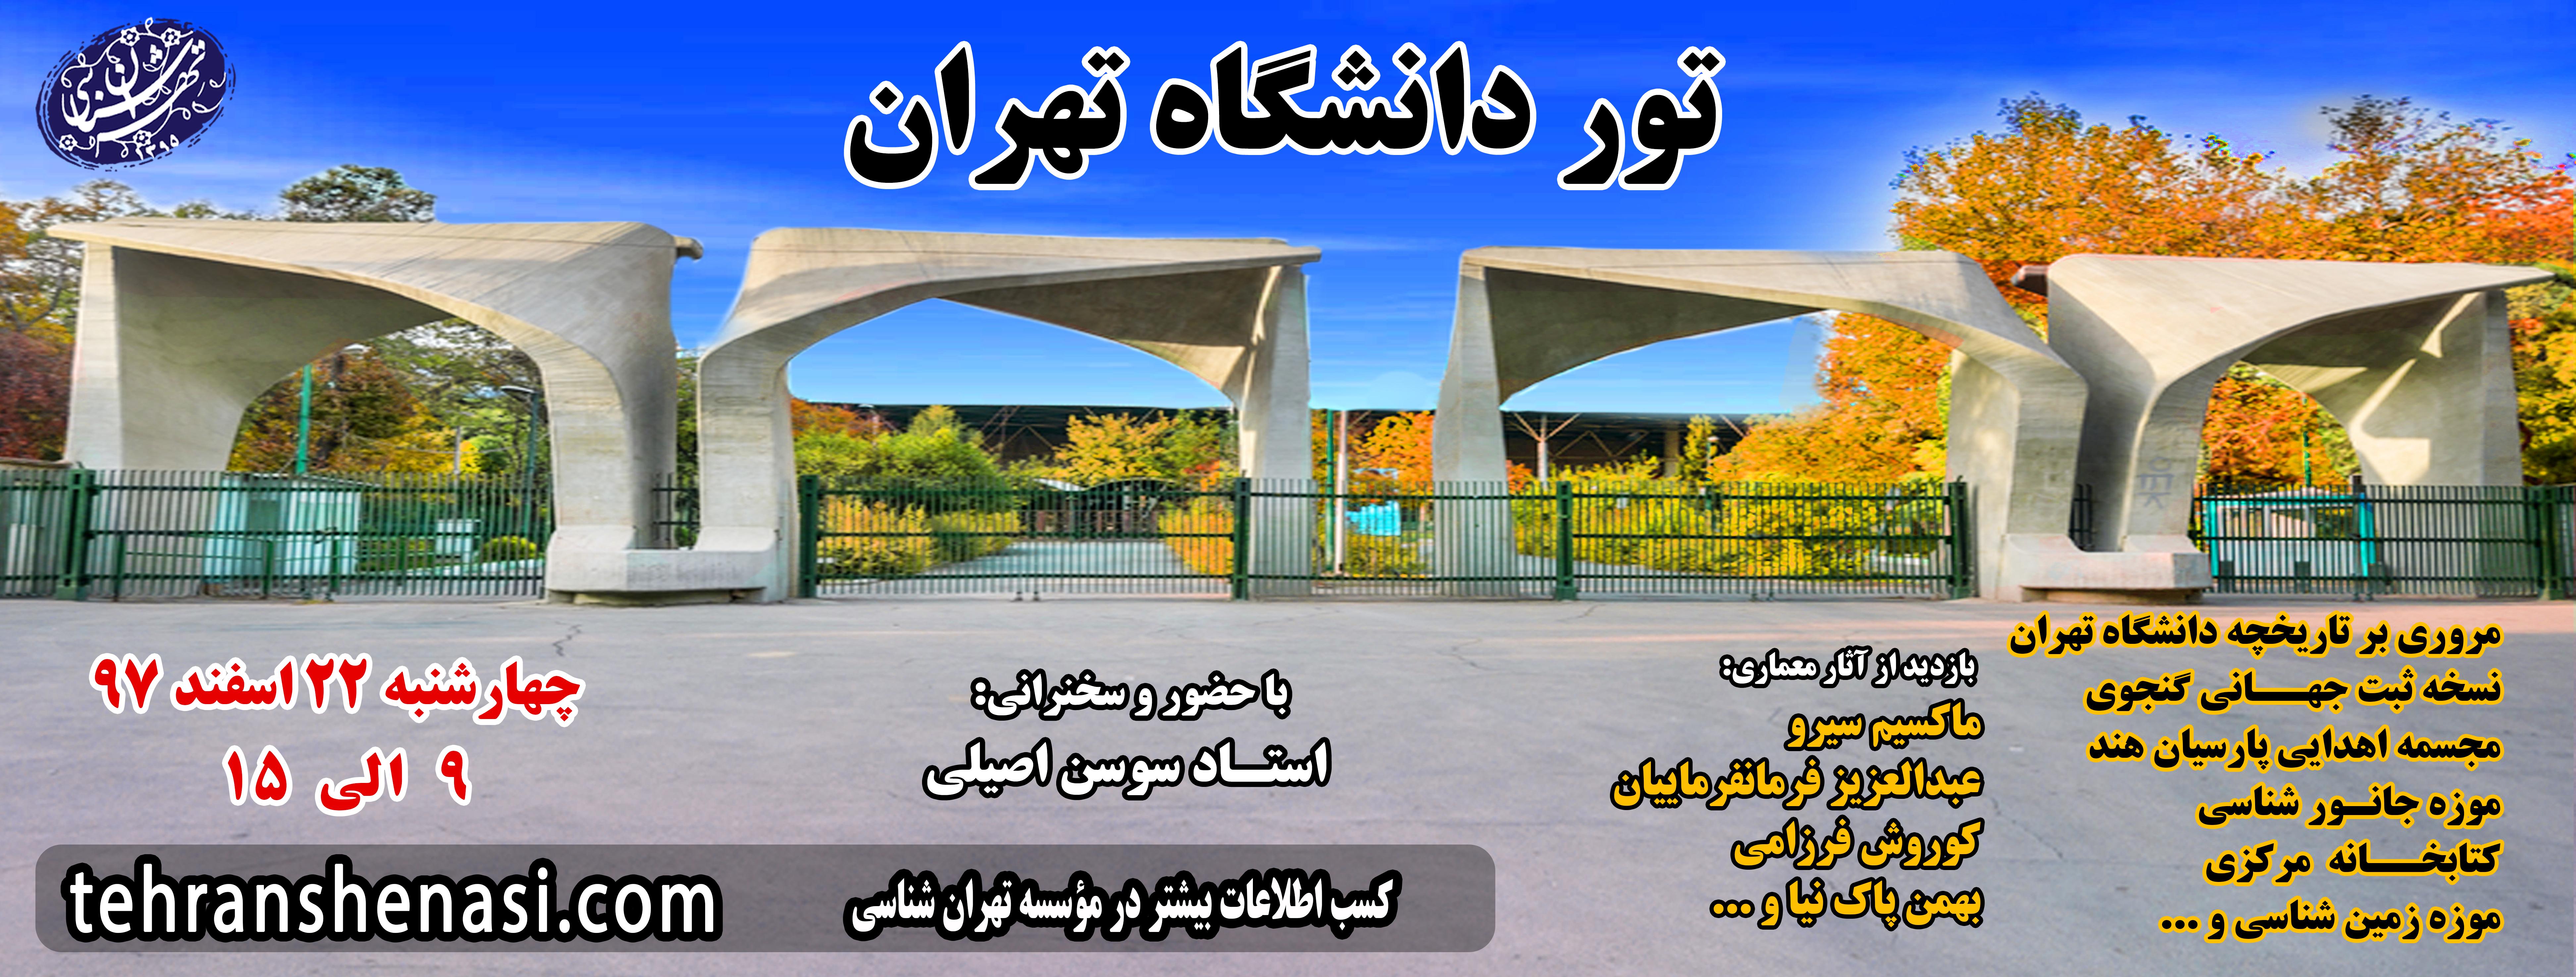 تور دانشگاه تهران موسسه تهرانشناسی